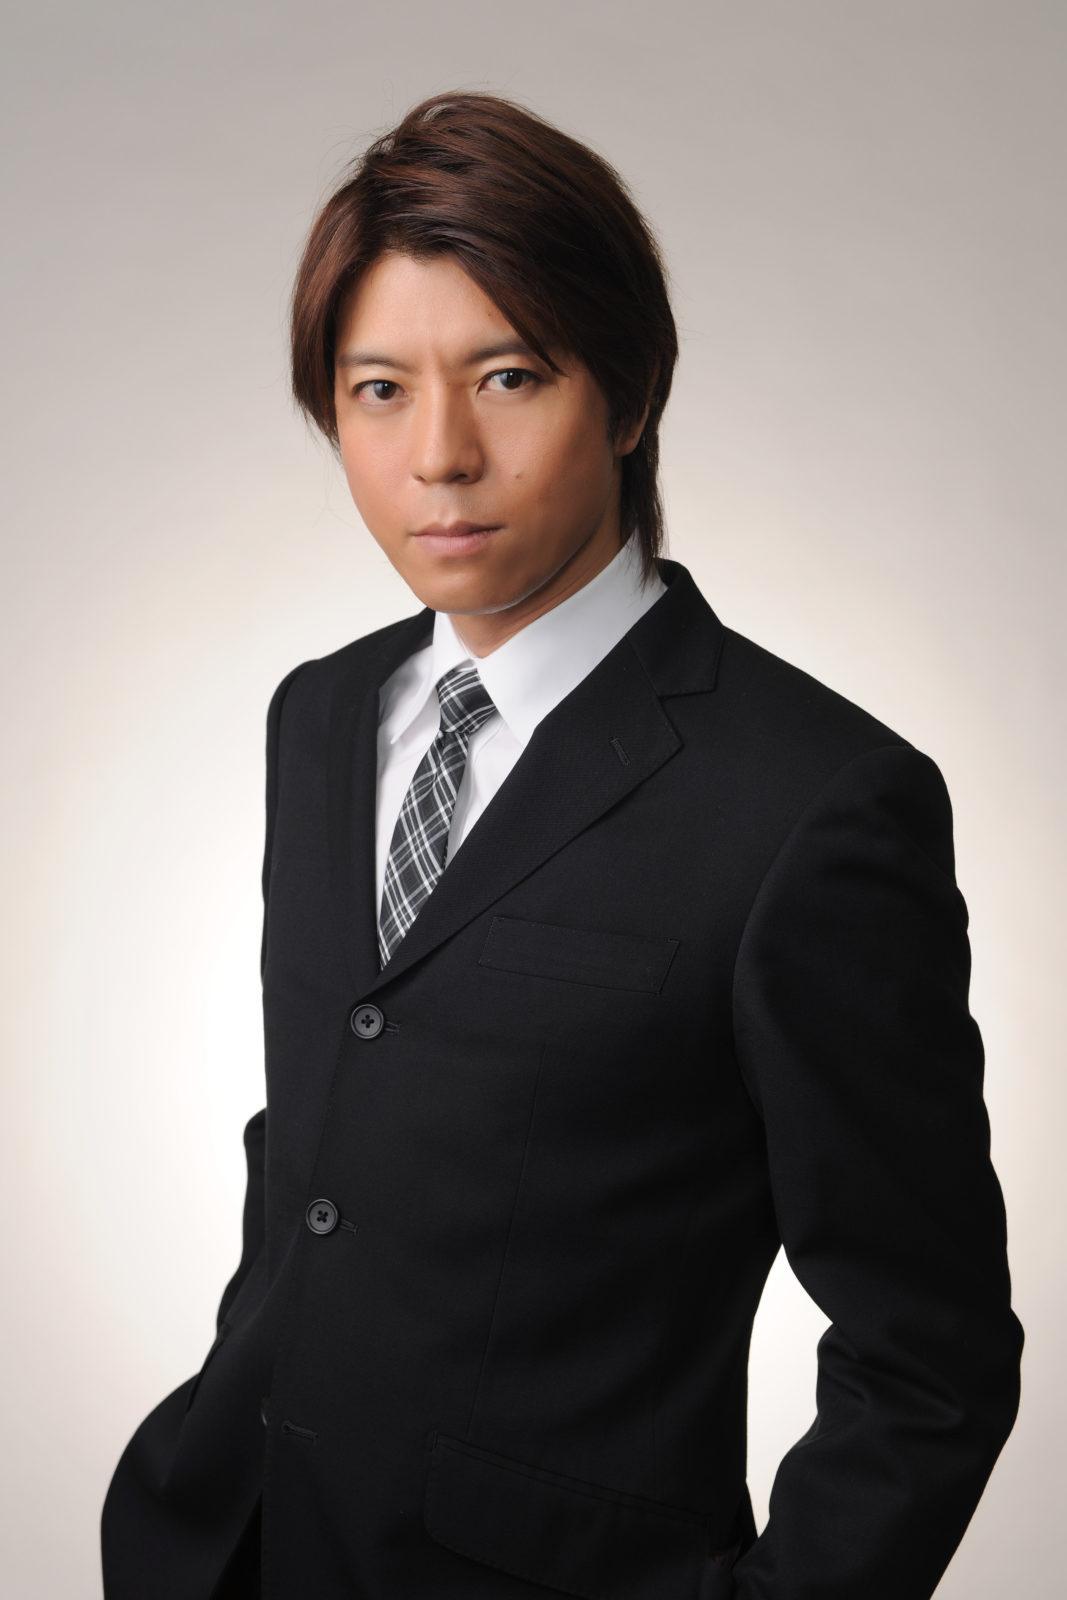 上川隆也、大杉漣さんのレギュラー代理務めた思い明かし「ぐっときました」「泣けてきた」と反響サムネイル画像